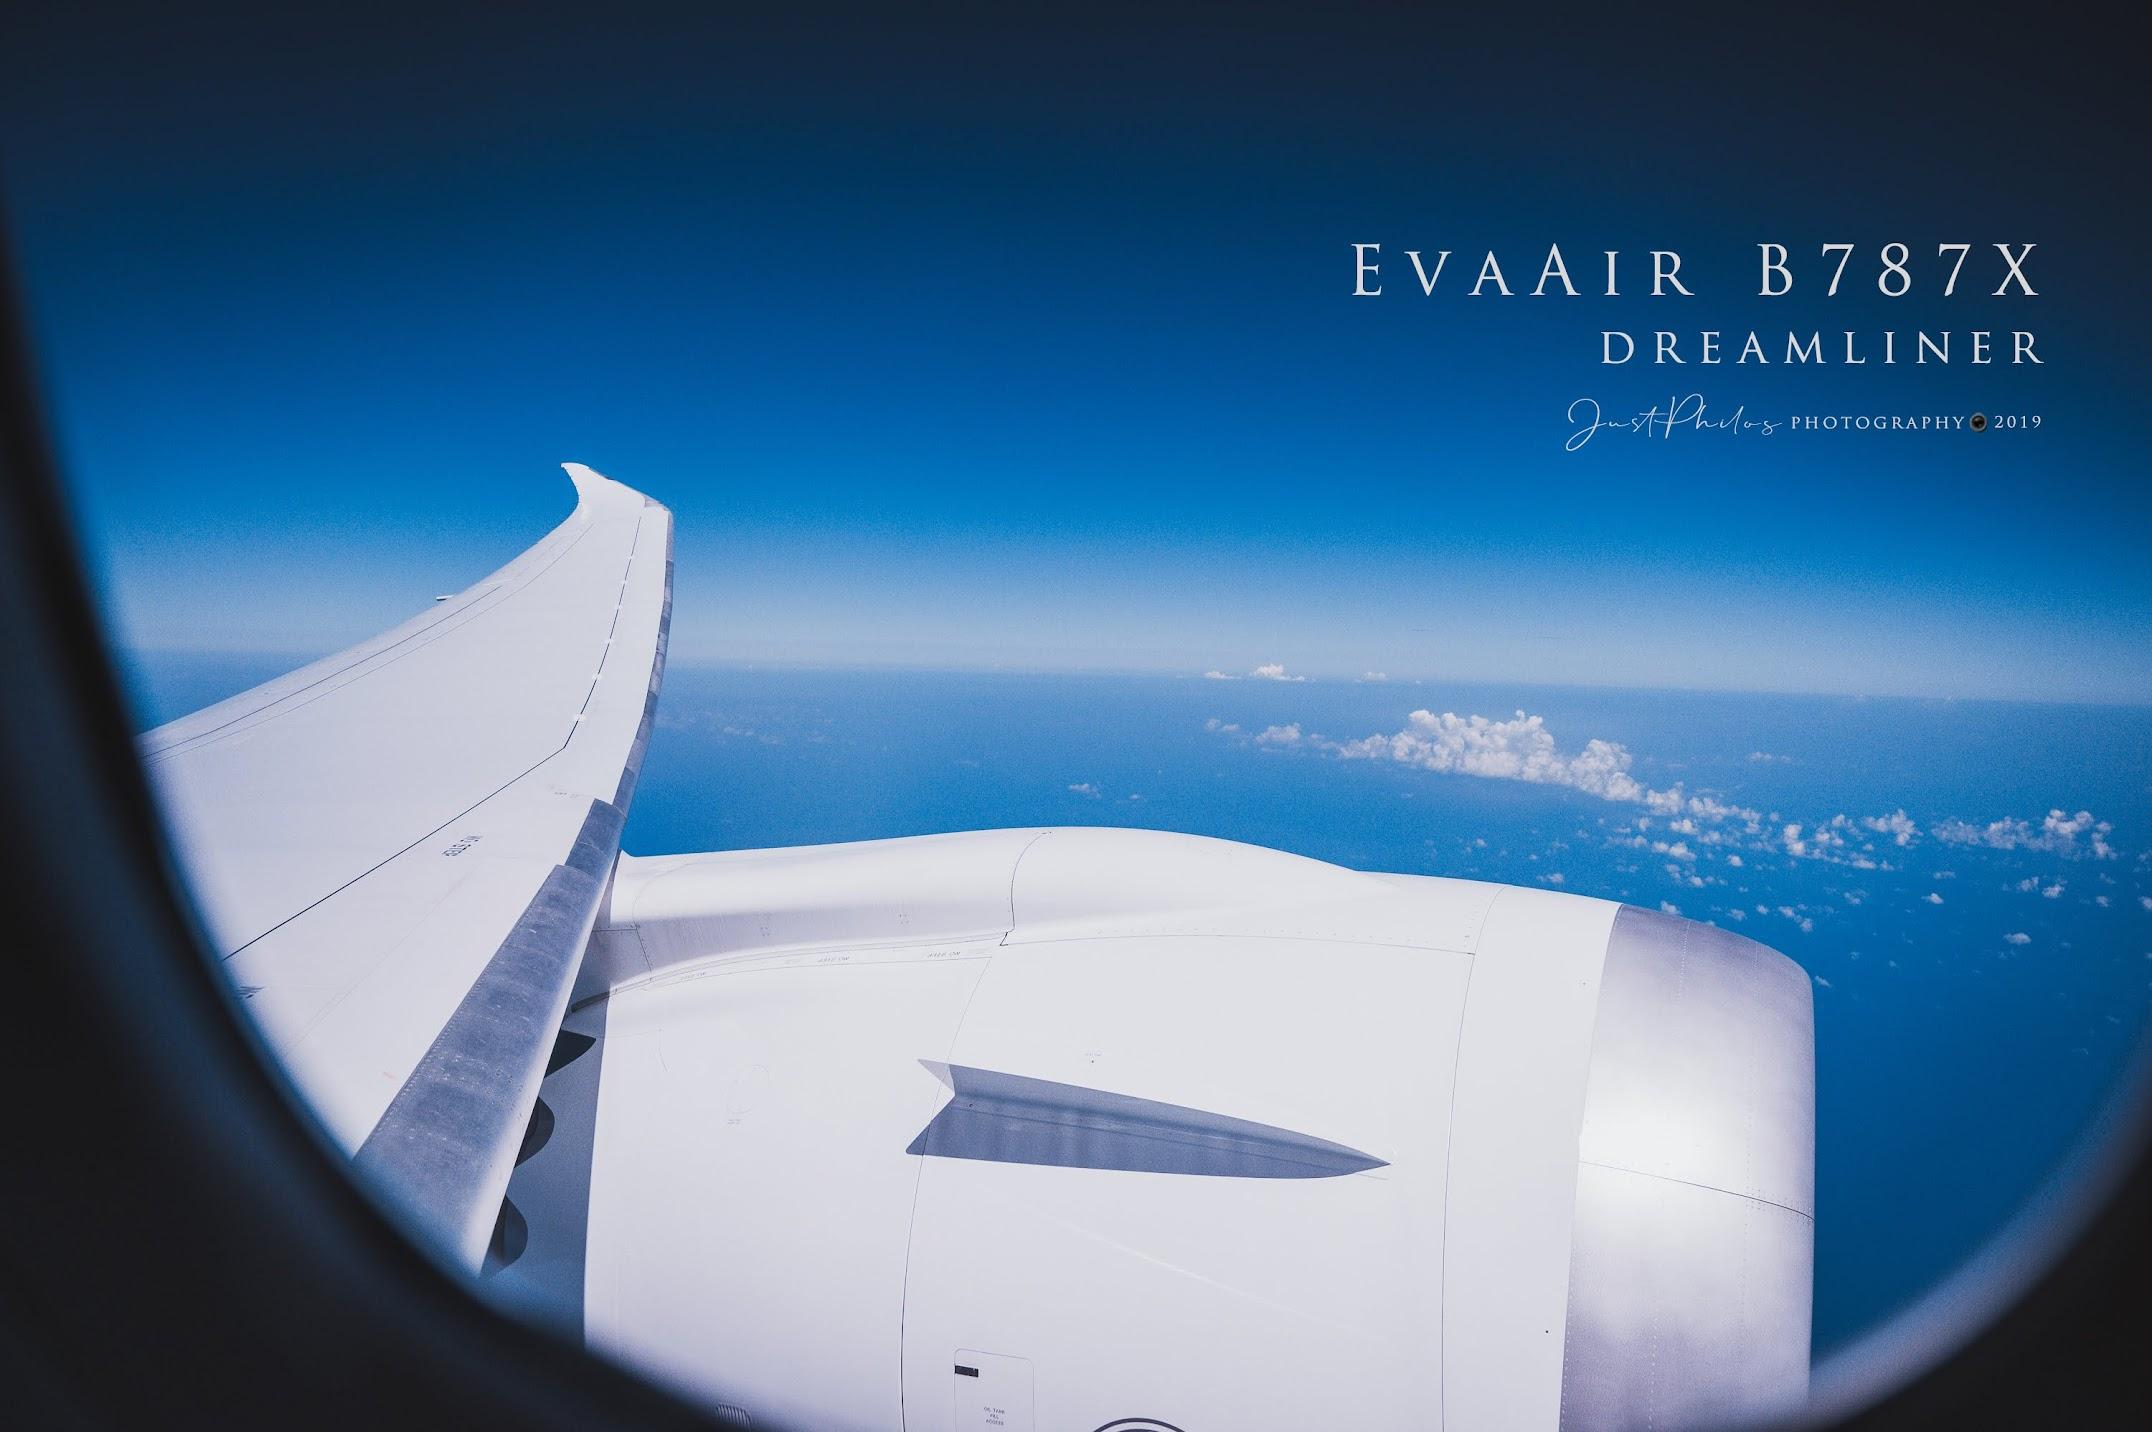 坐在靠窗座位的好處就可以很清楚的拍攝到機外的風景。